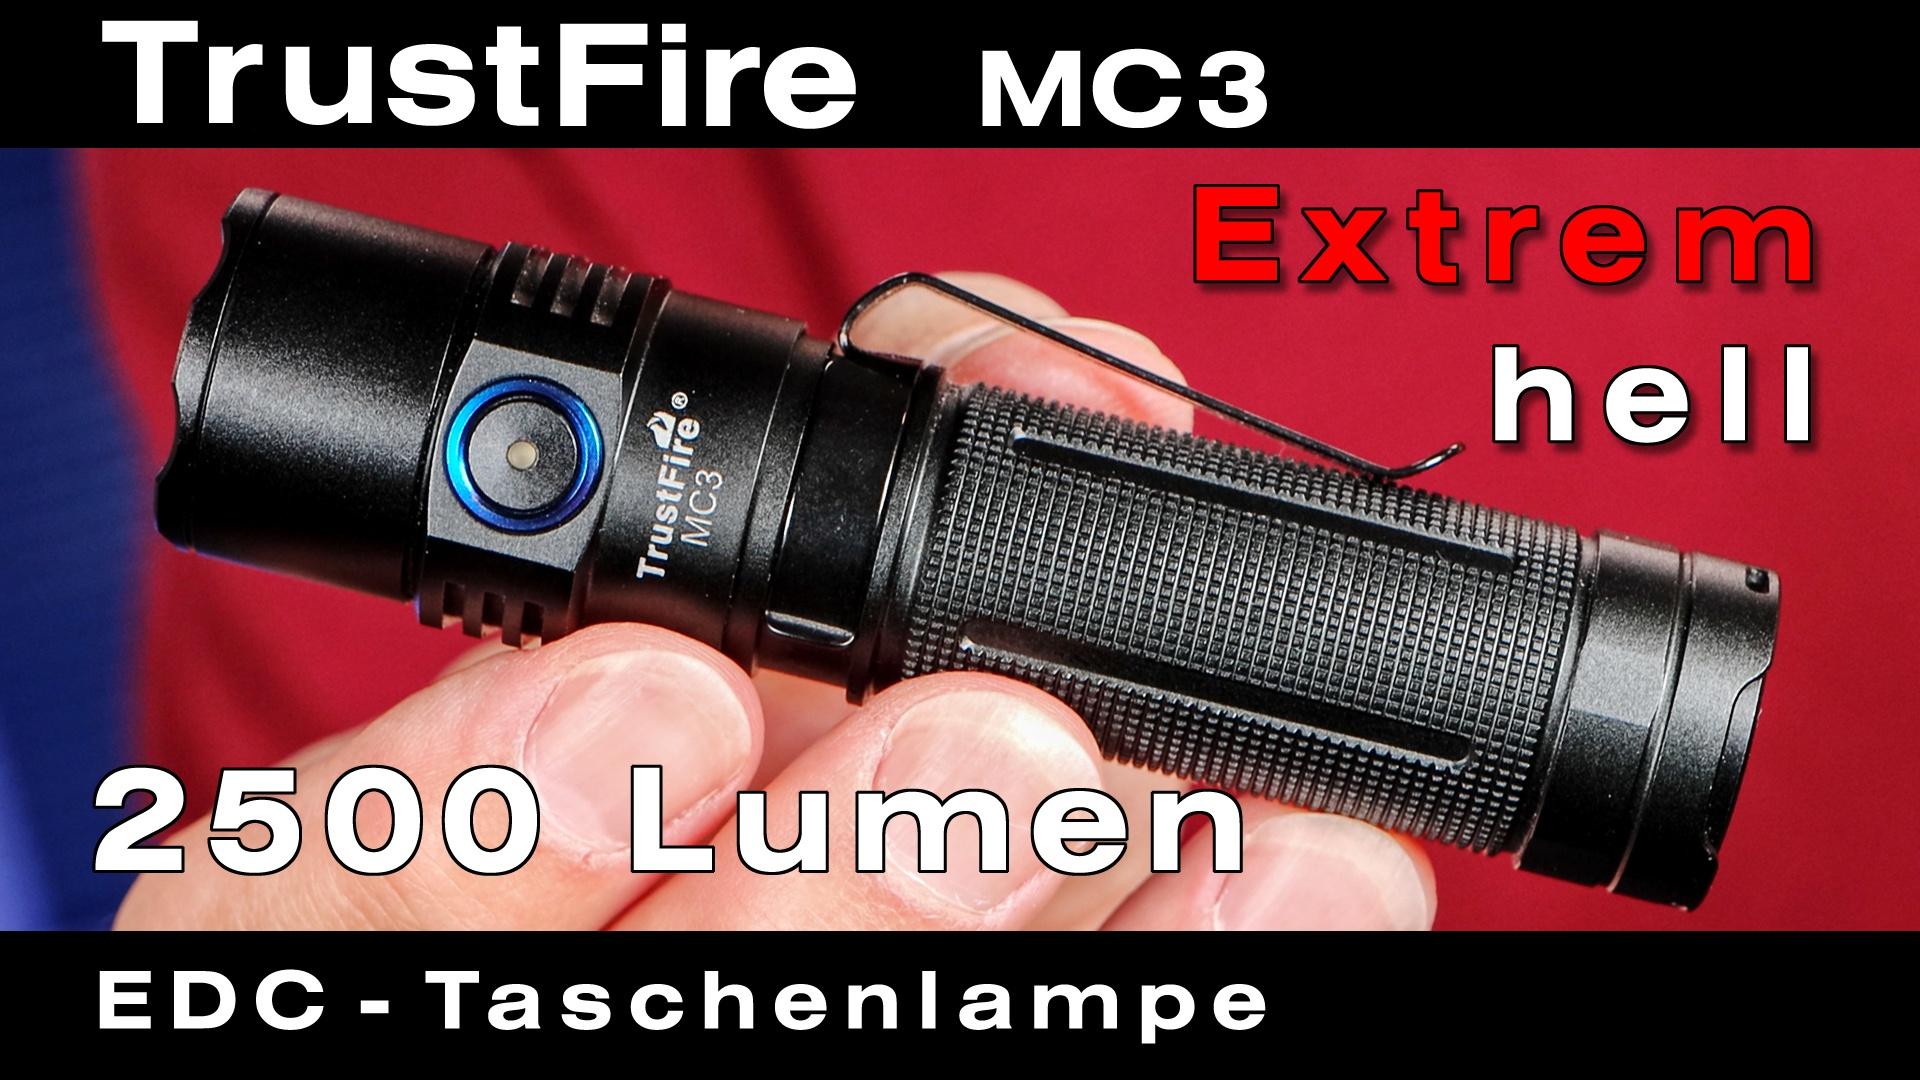 TrustFire MC3 Taschenlampe – Extrem hell für Hobby, Beruf & Reise